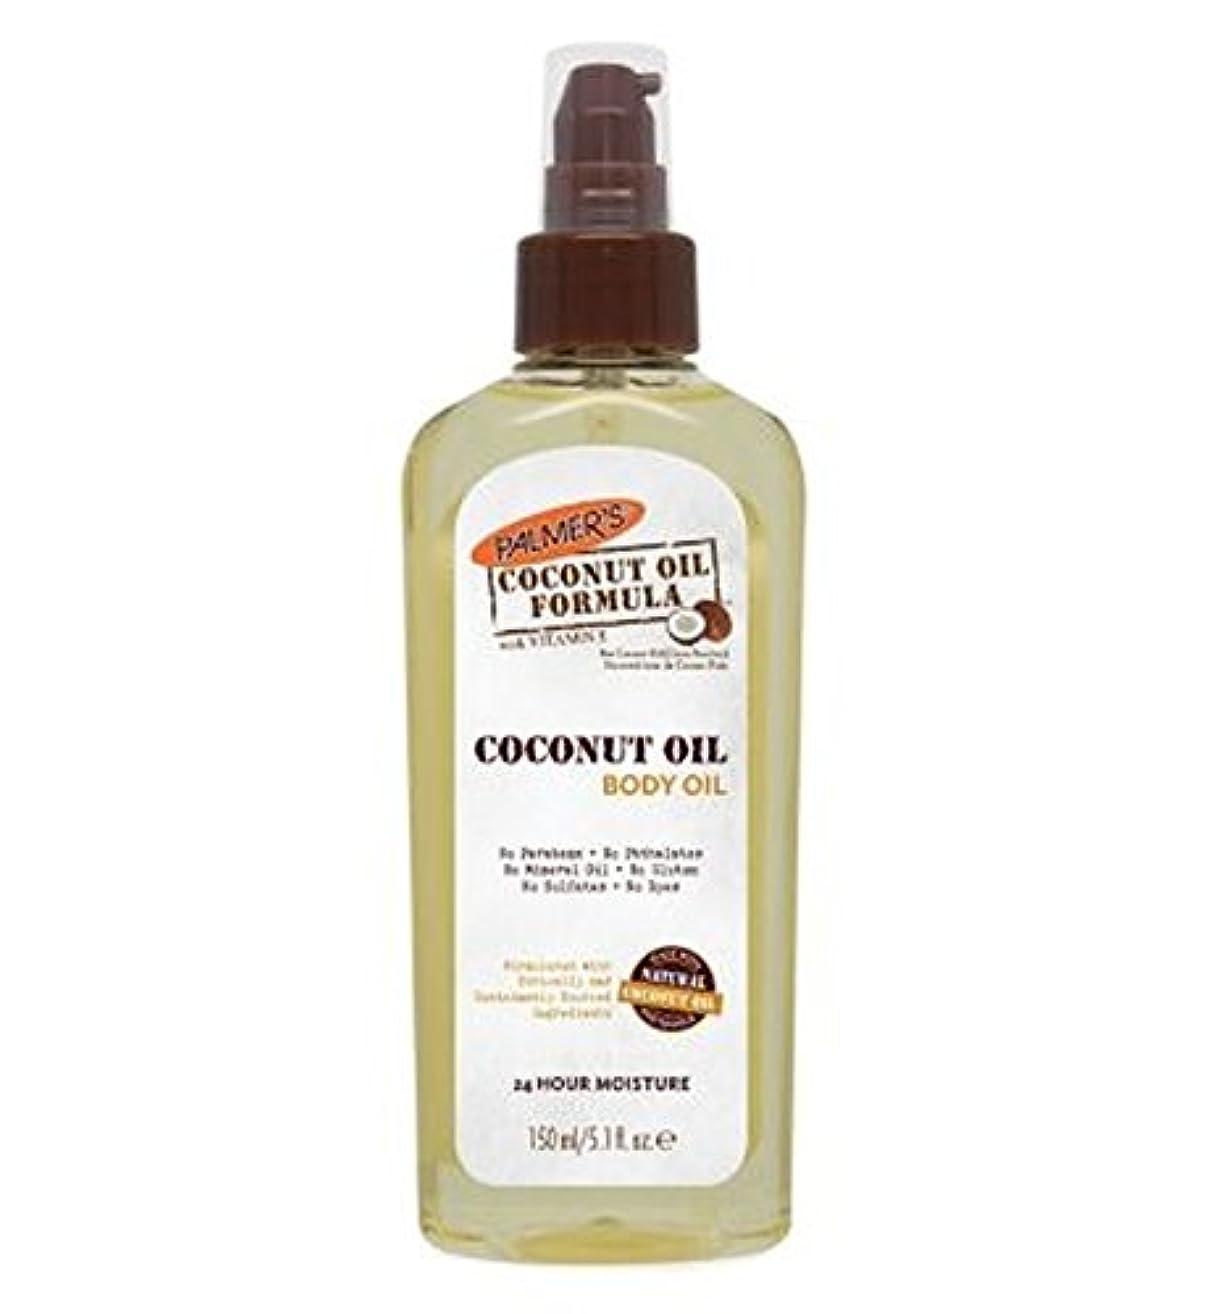 佐賀道を作る十代Palmer's Coconut Oil Formula Body Oil 150ml - パーマーのココナッツオイル式ボディオイル150ミリリットル (Palmer's) [並行輸入品]